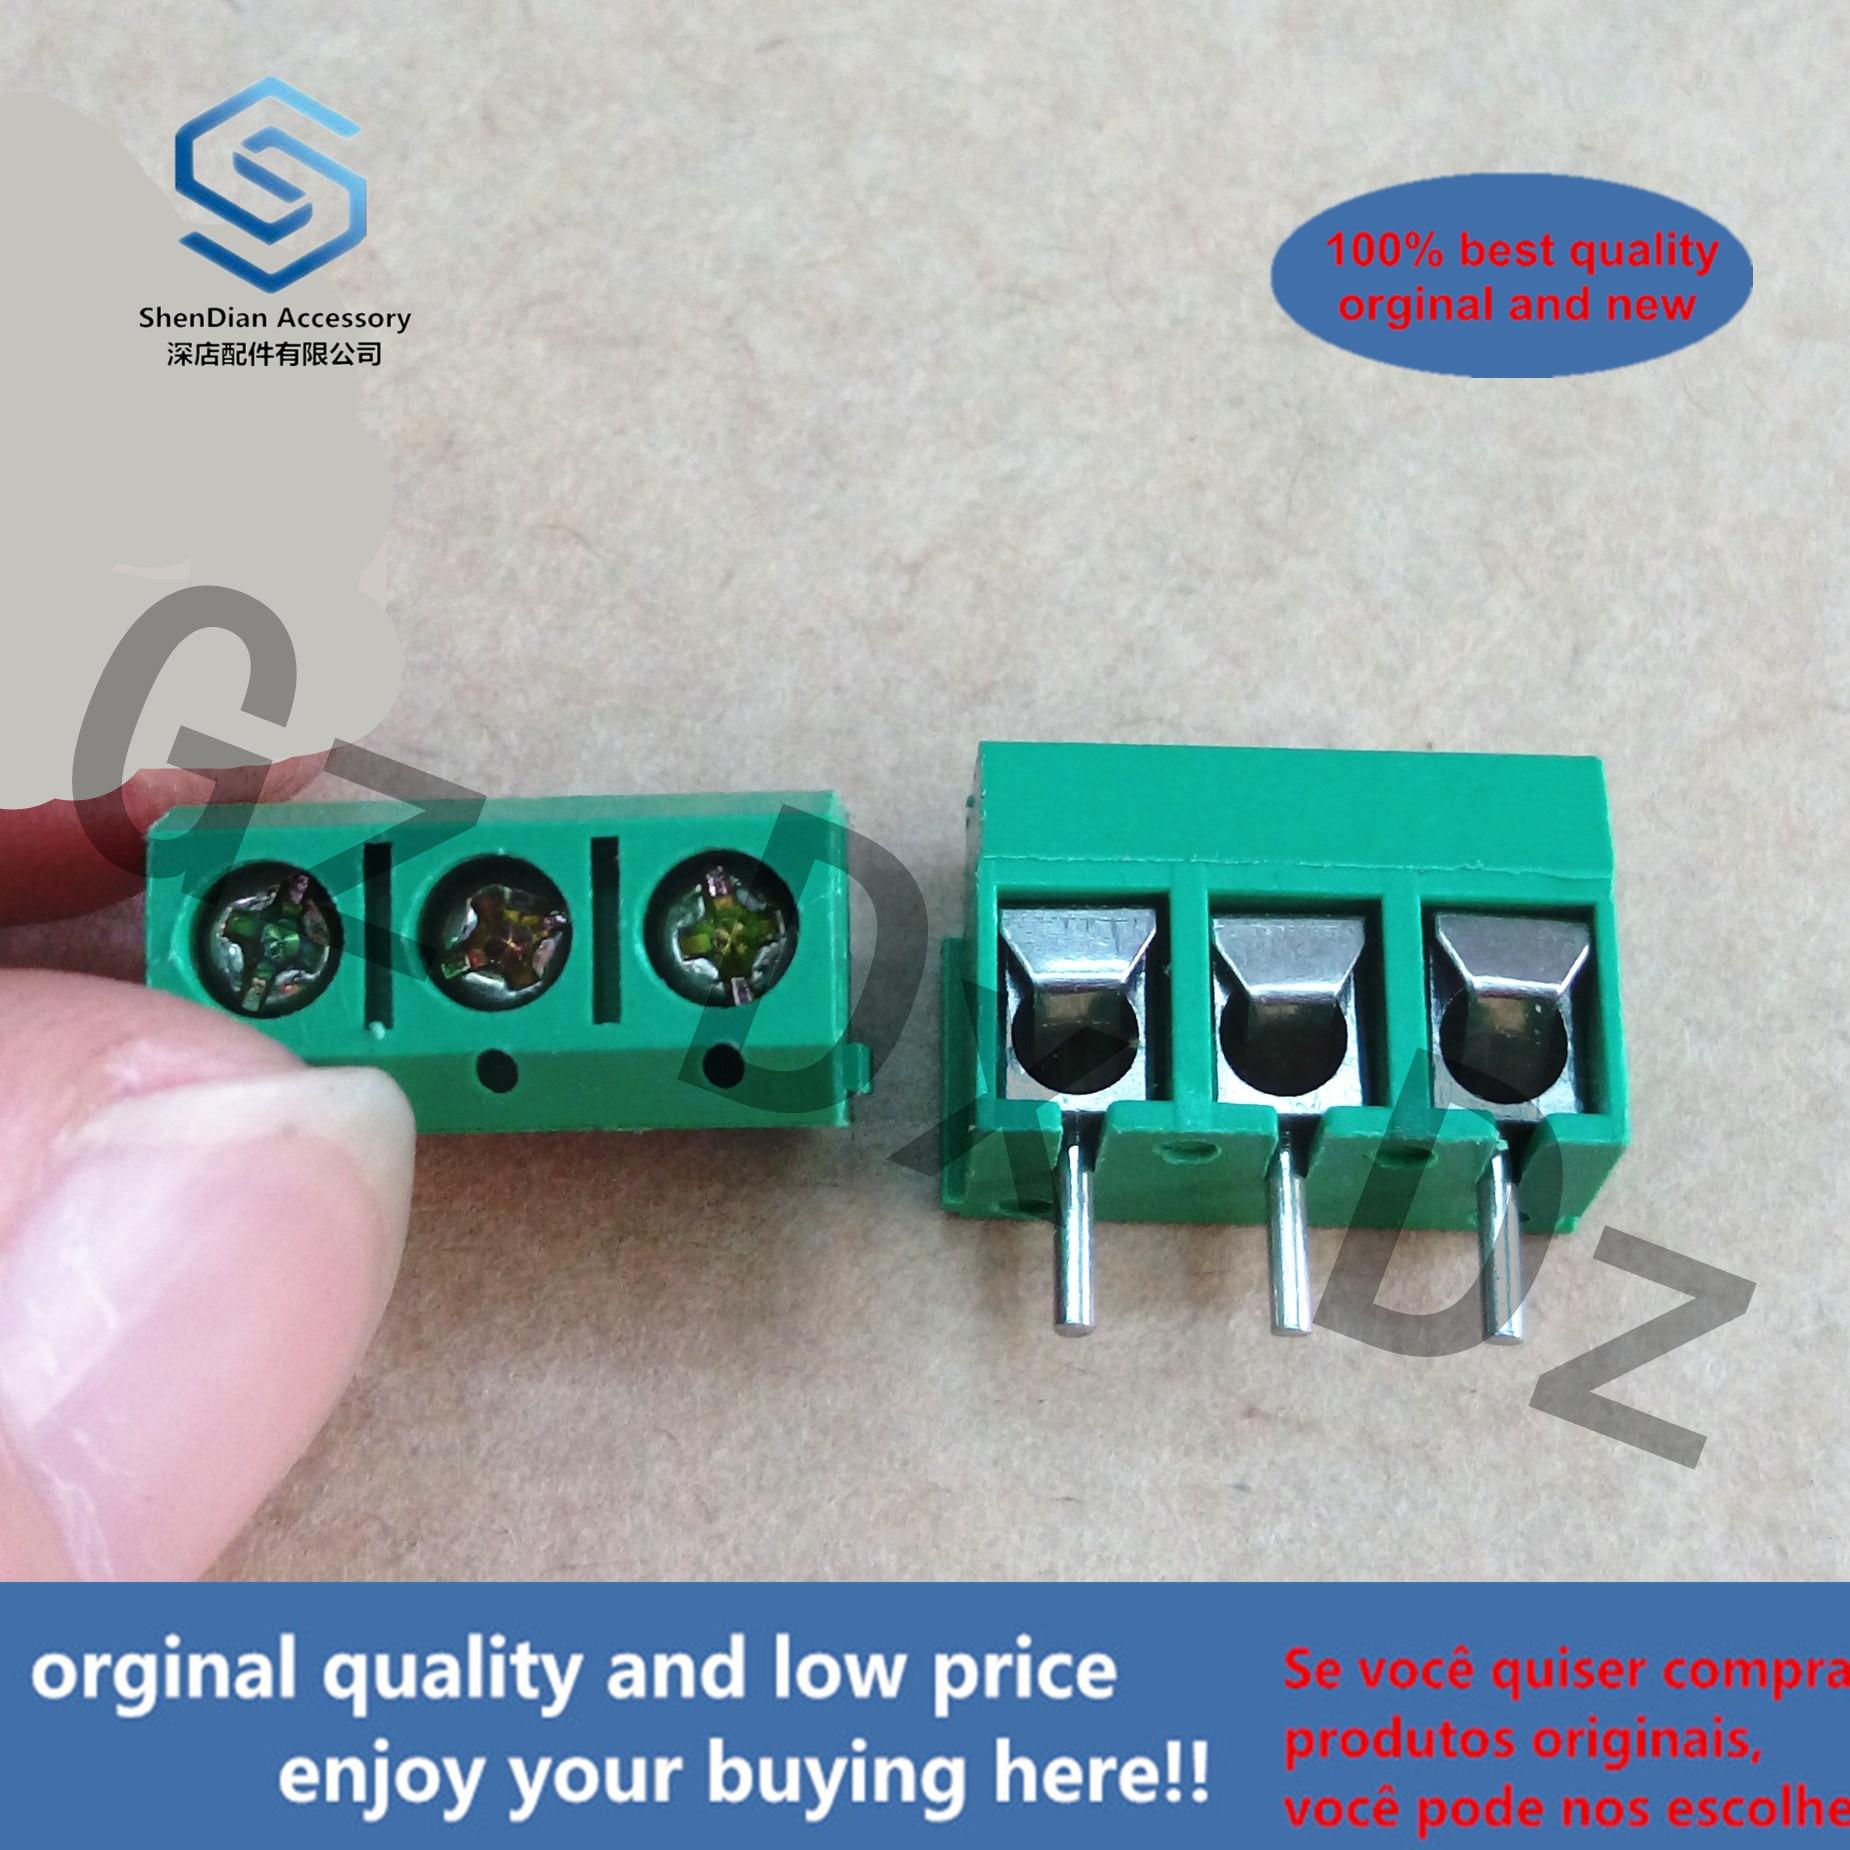 2pcs 100% Orginal New KV301 3P 3 16A Brand New Terminal Block Terminal Block Terminal Copper Real Photo